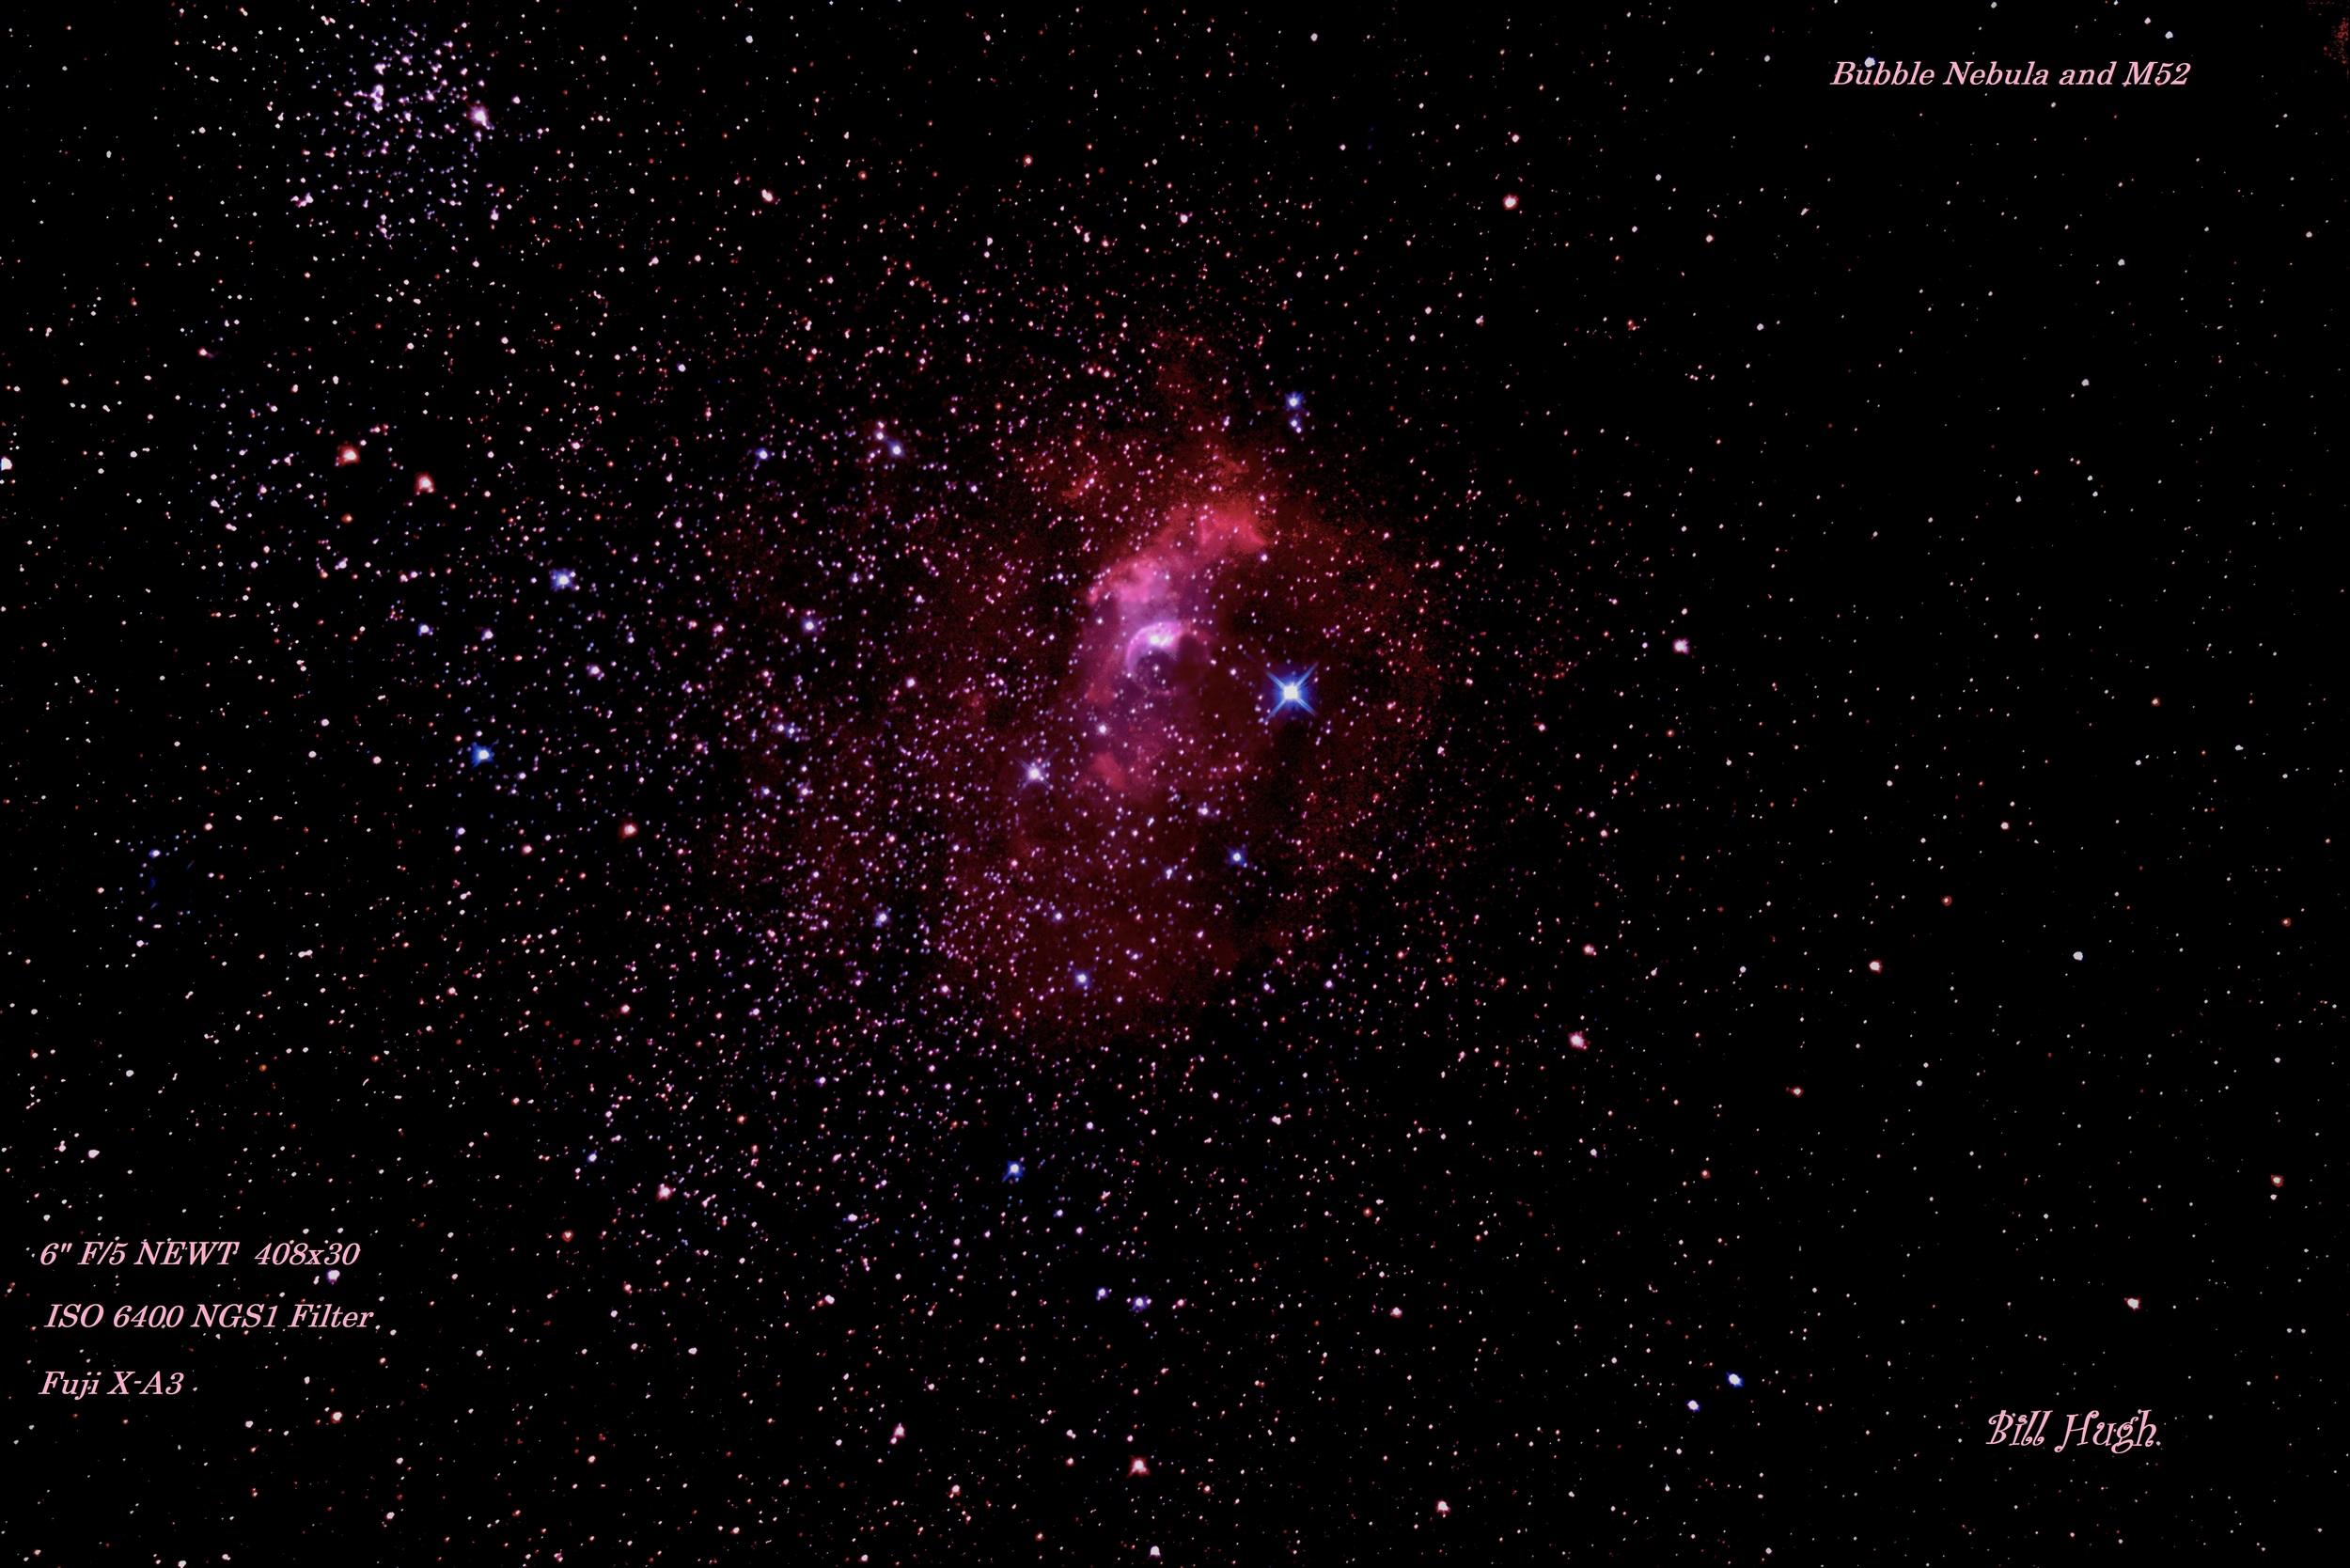 Bill Hugh- Bubble Nebula